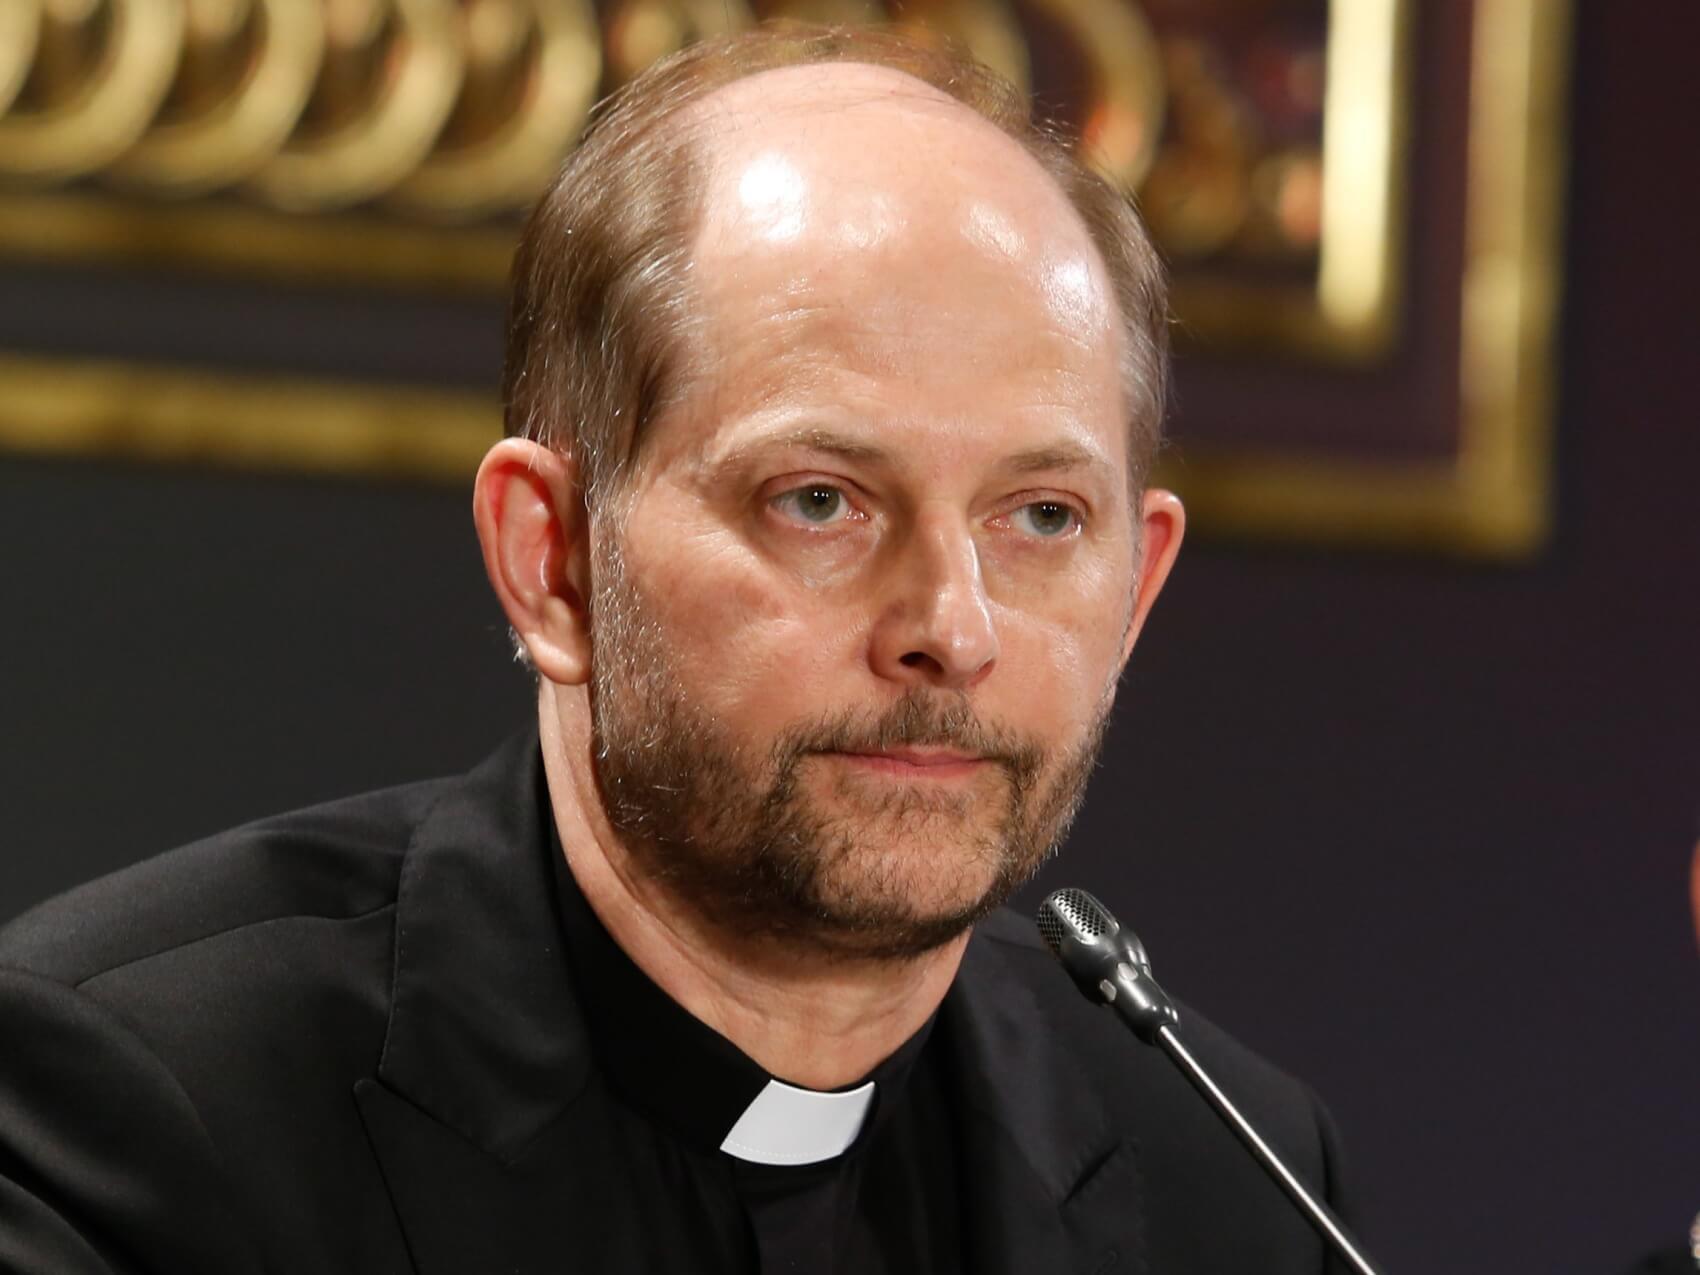 Rzecznik KEP o aborcyjnym kompromisie Dudy: Jeśli Kościół zostanie zapytany, będzie przeciwko